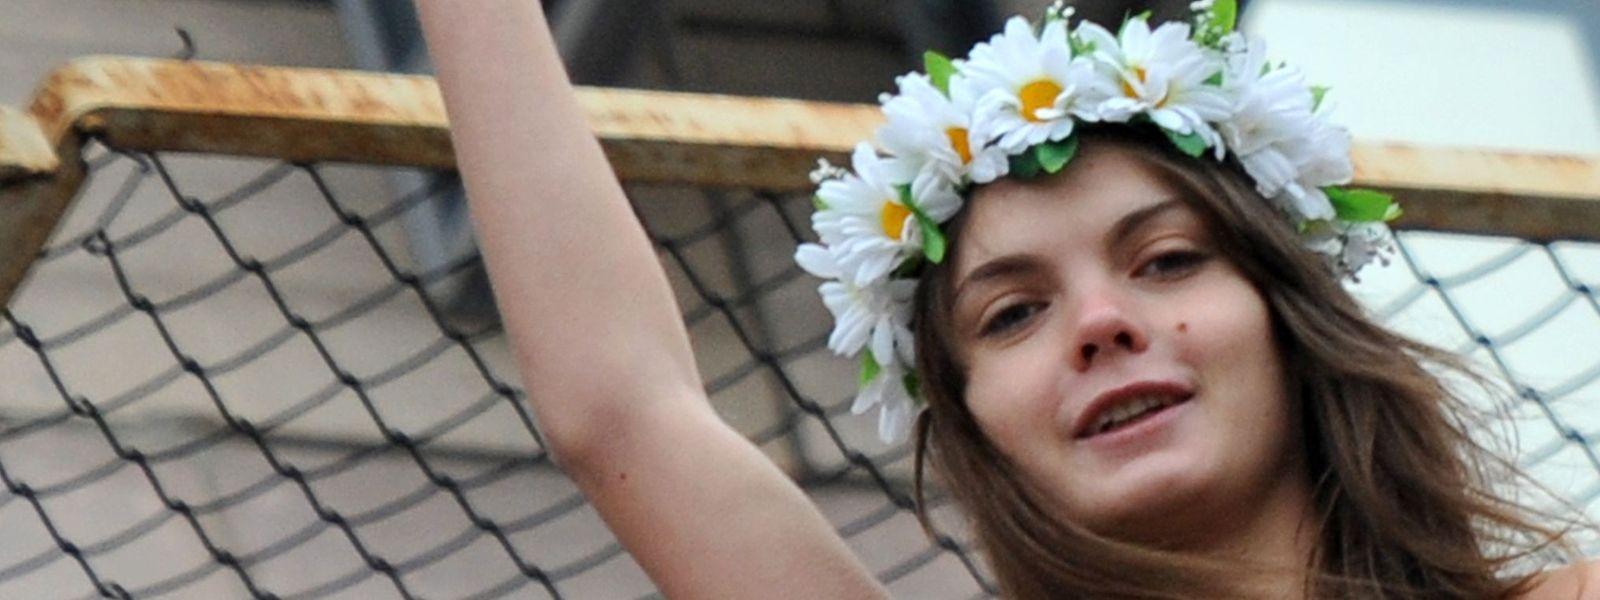 La cofondatrice des Femen, Oksana Chatchko, pendant une action du groupe à Kiev le 1er février 2011.